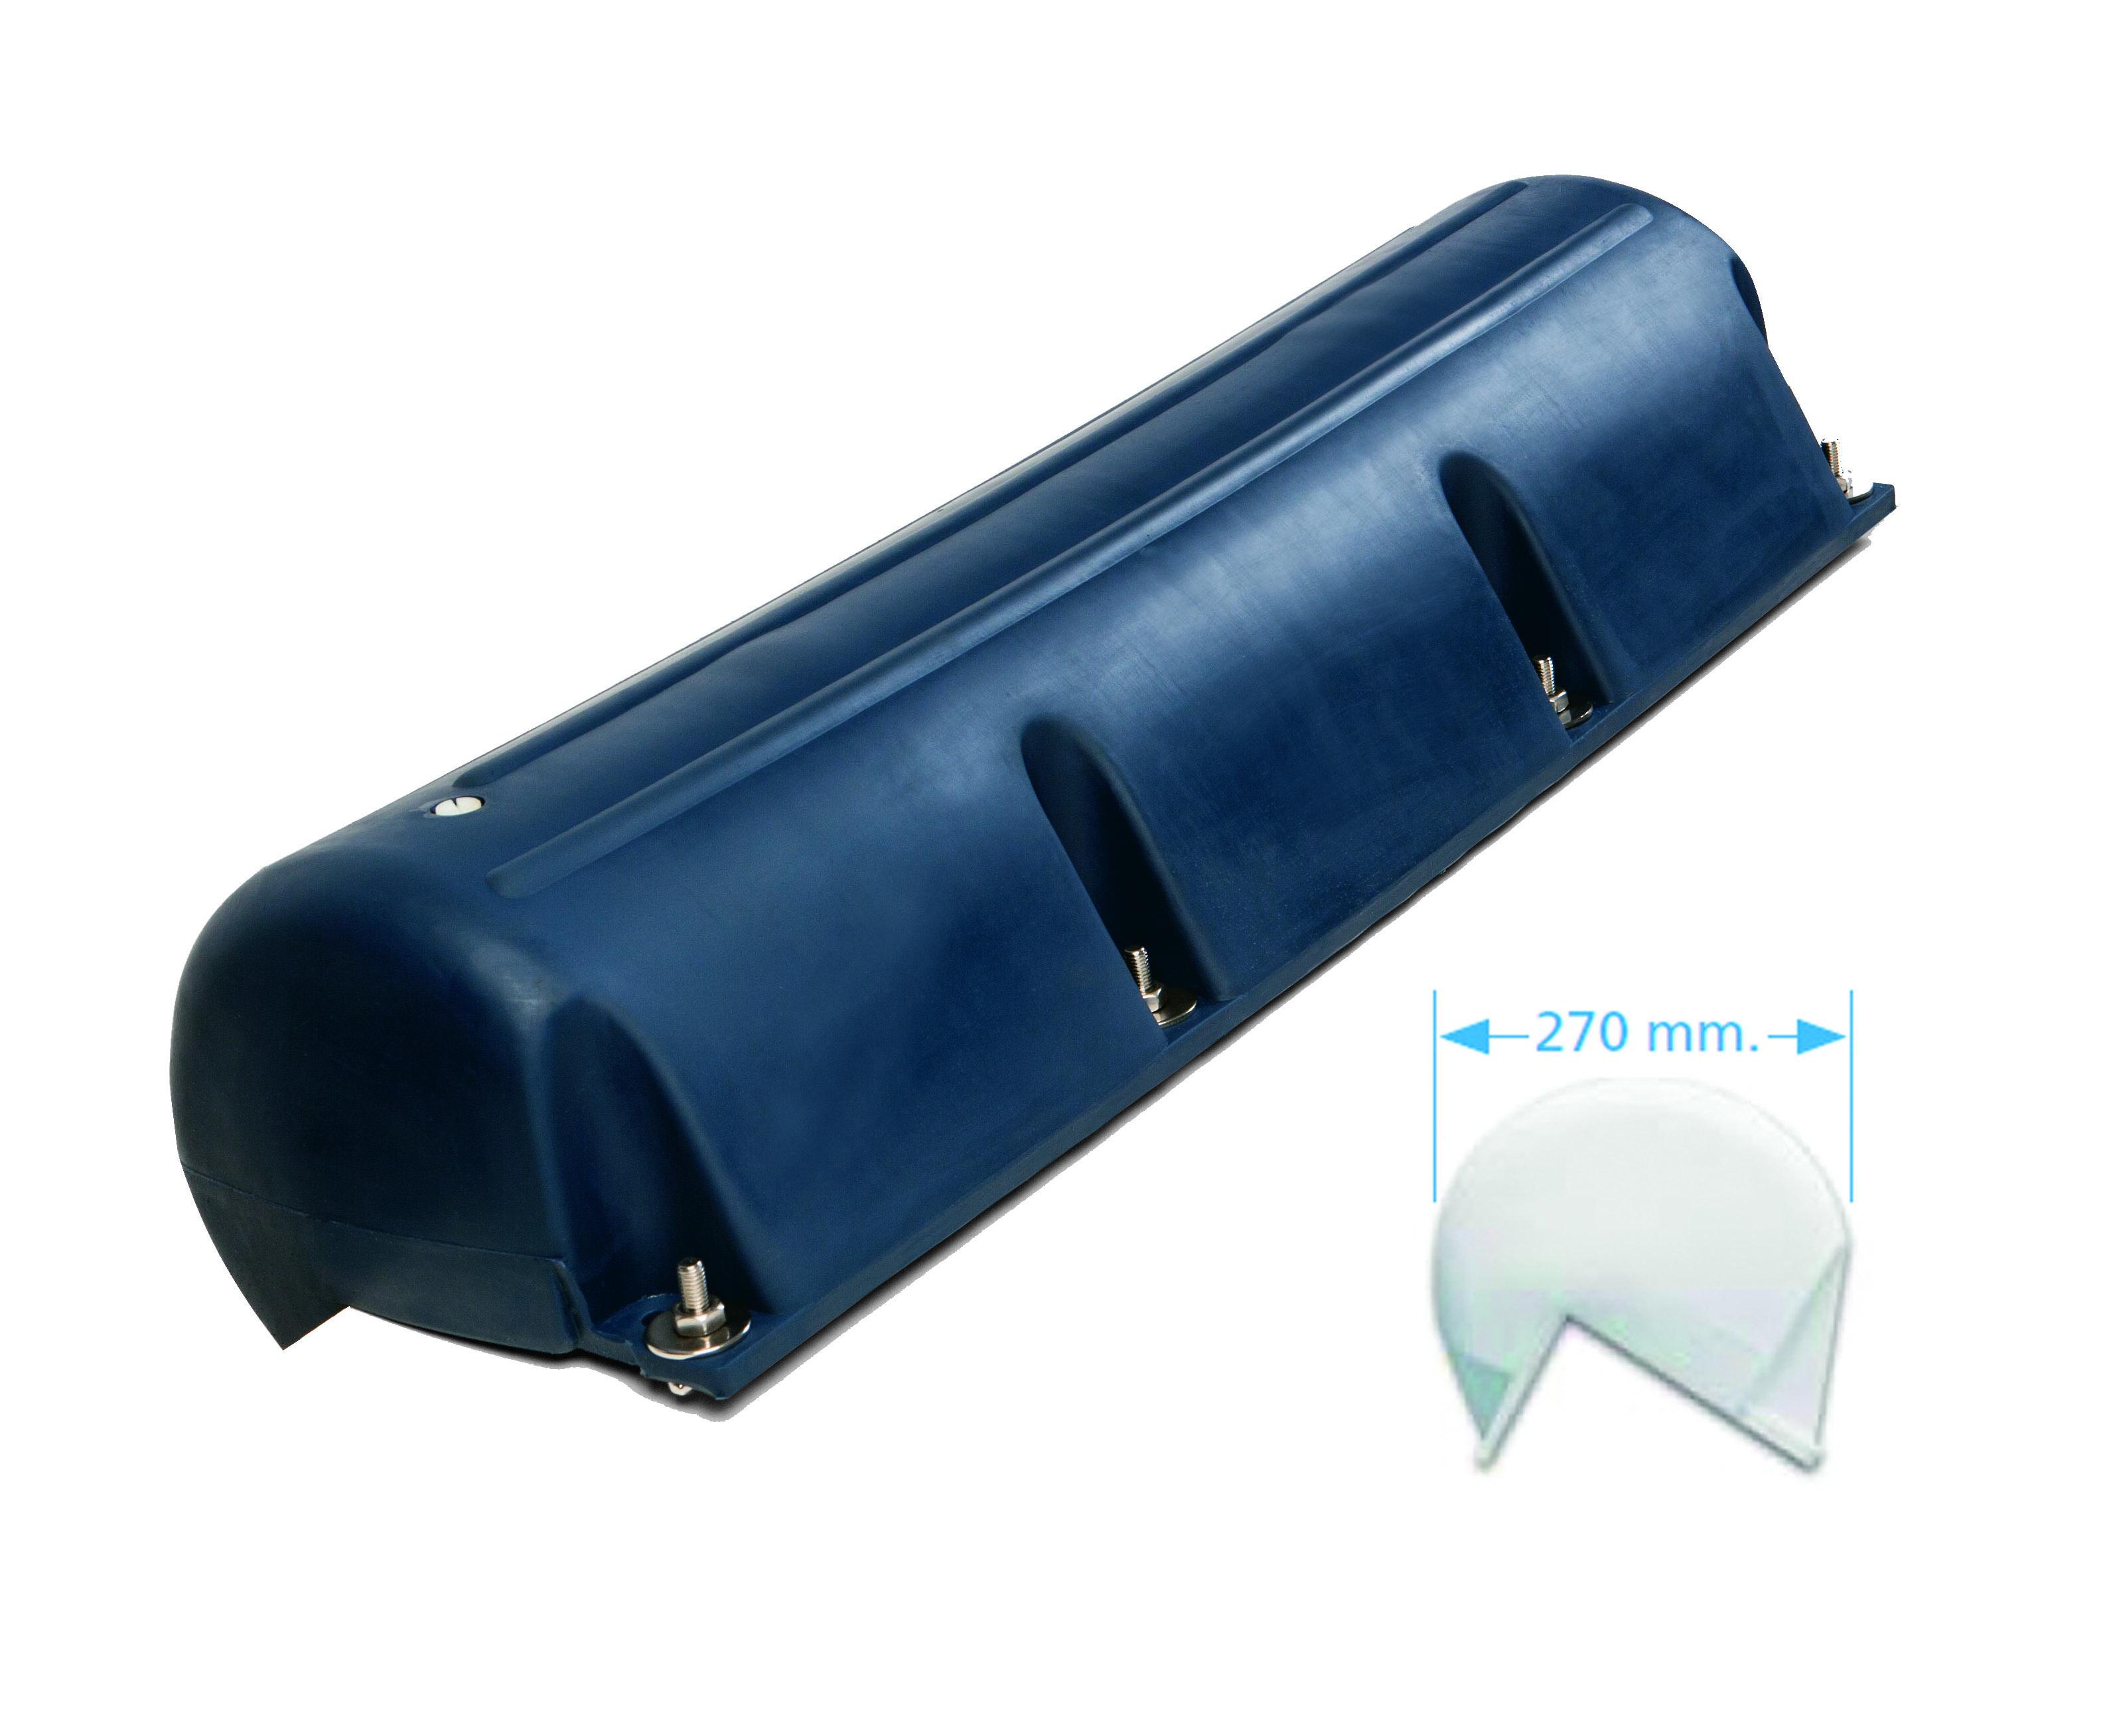 77.77 - Μπαλόνι Πρύμνης Μπλε Ορθή Γωνία 88.5x27cm